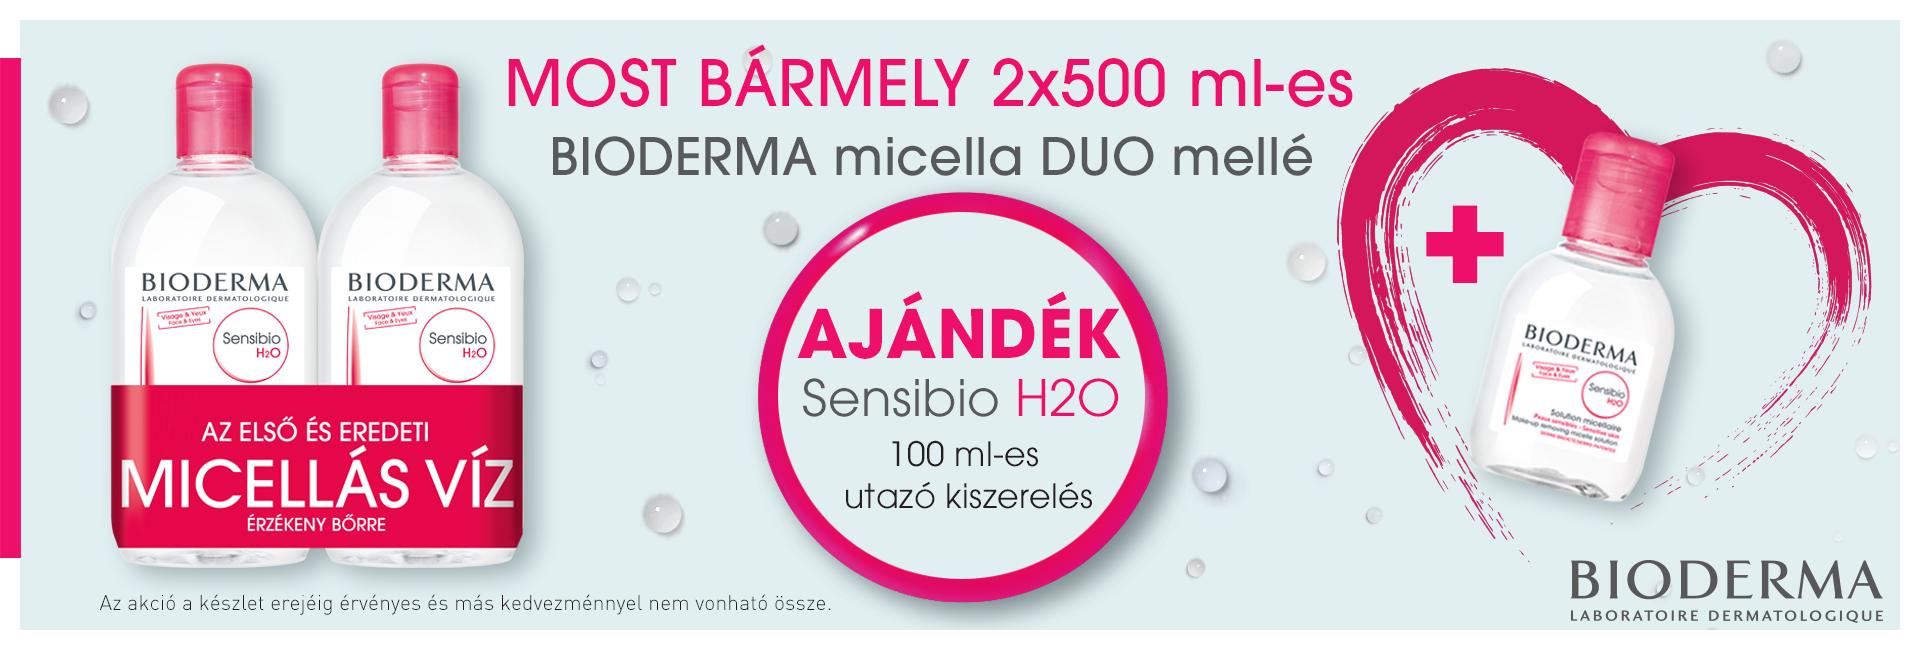 Bioderma Micellafesztivál: Bioderma H2O micellás vizek - a 2. terméket most akár 80% kedvezménnyel kínáljuk!